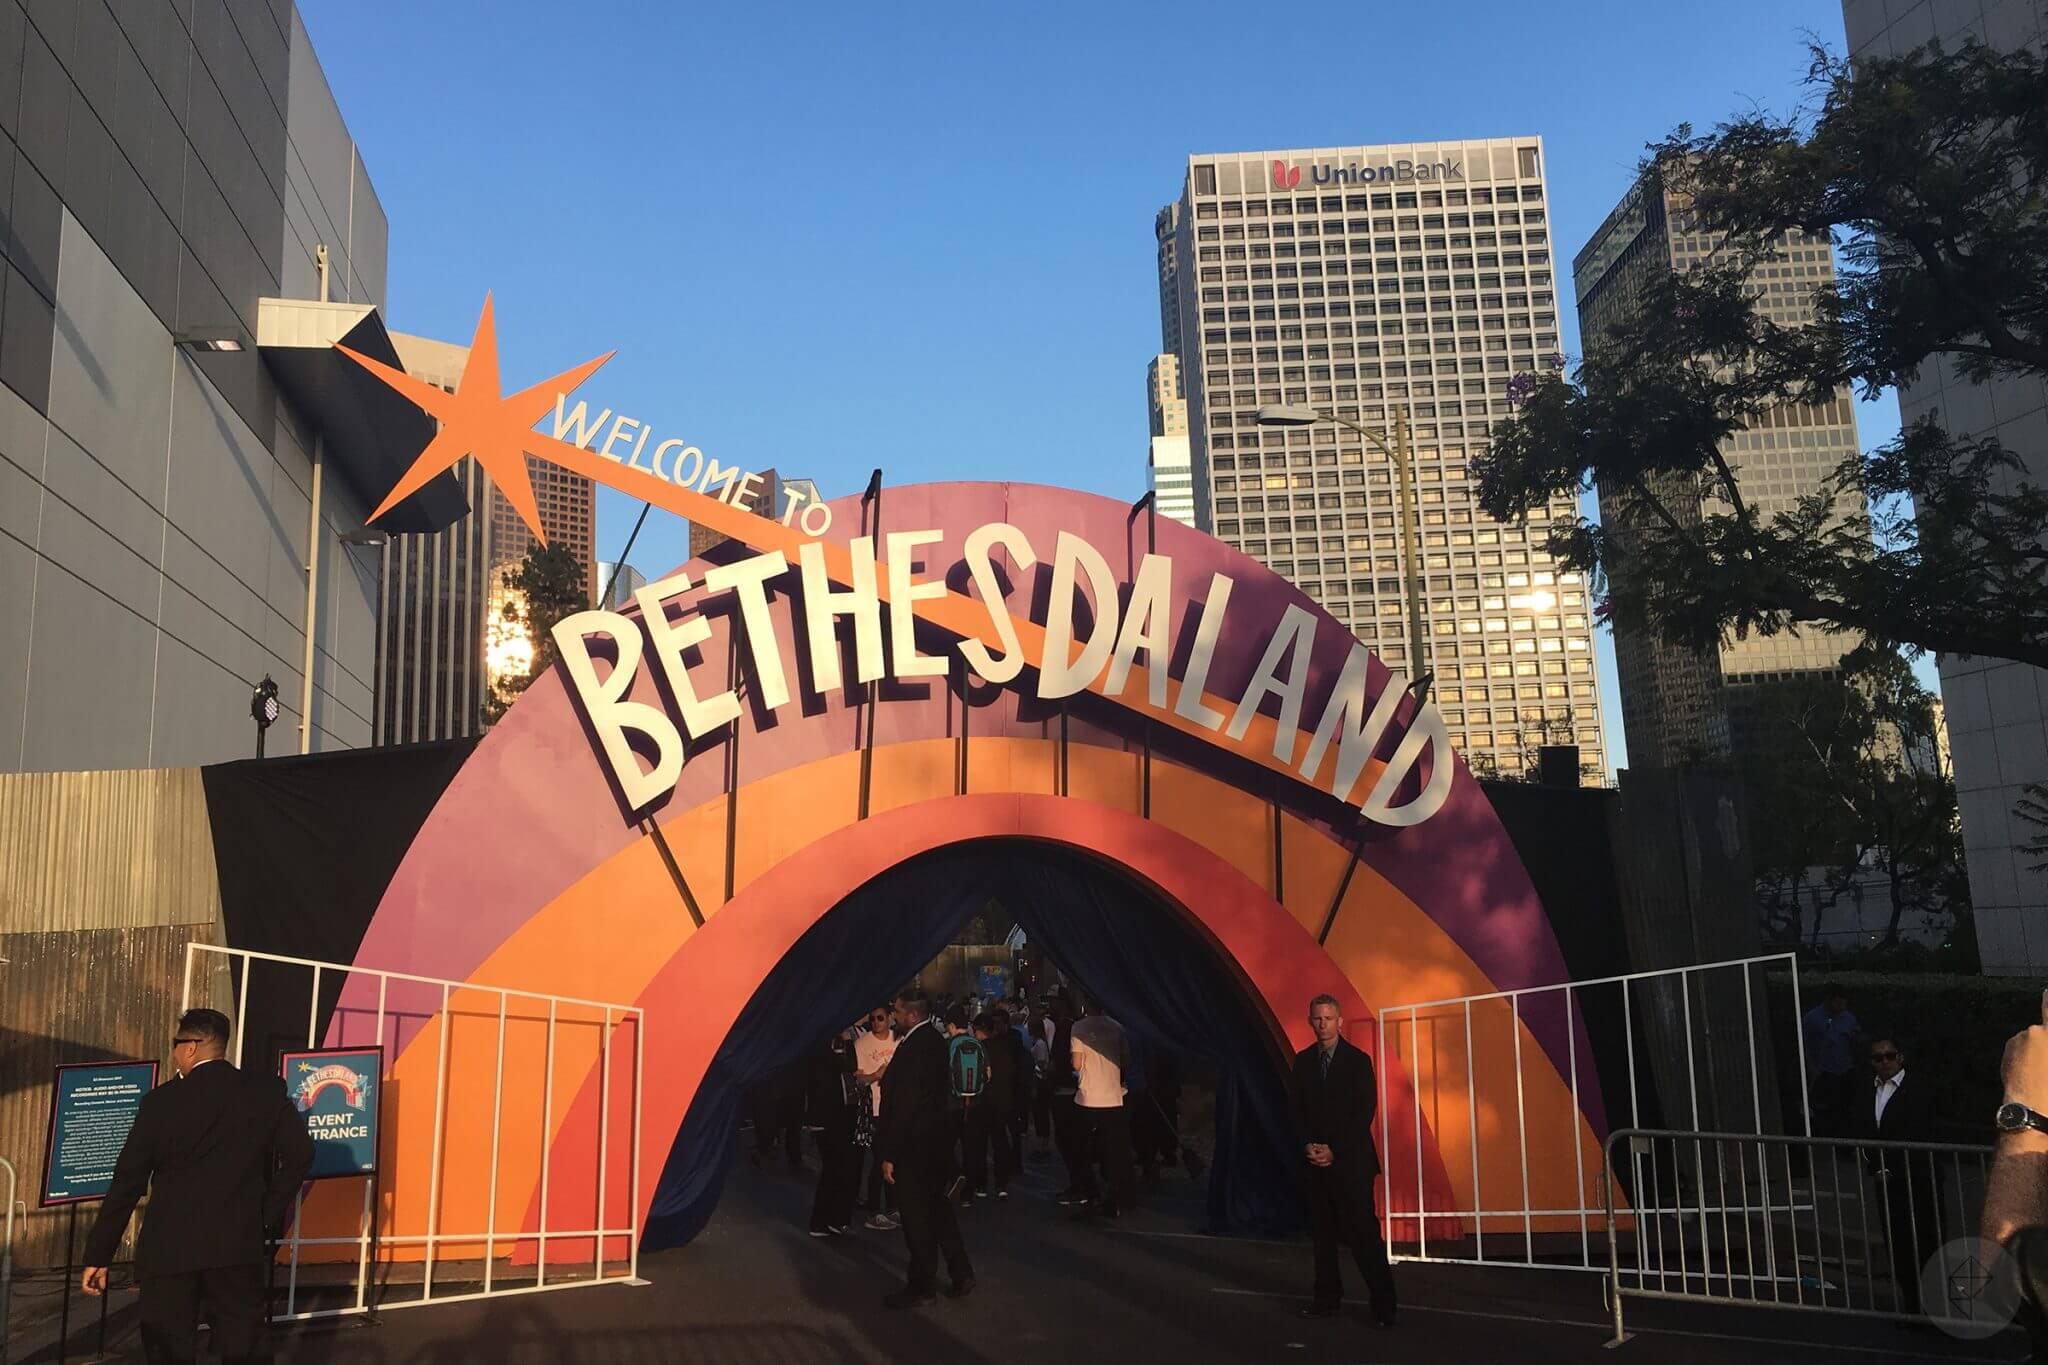 E3 2017 bethesdaland 2400. 0